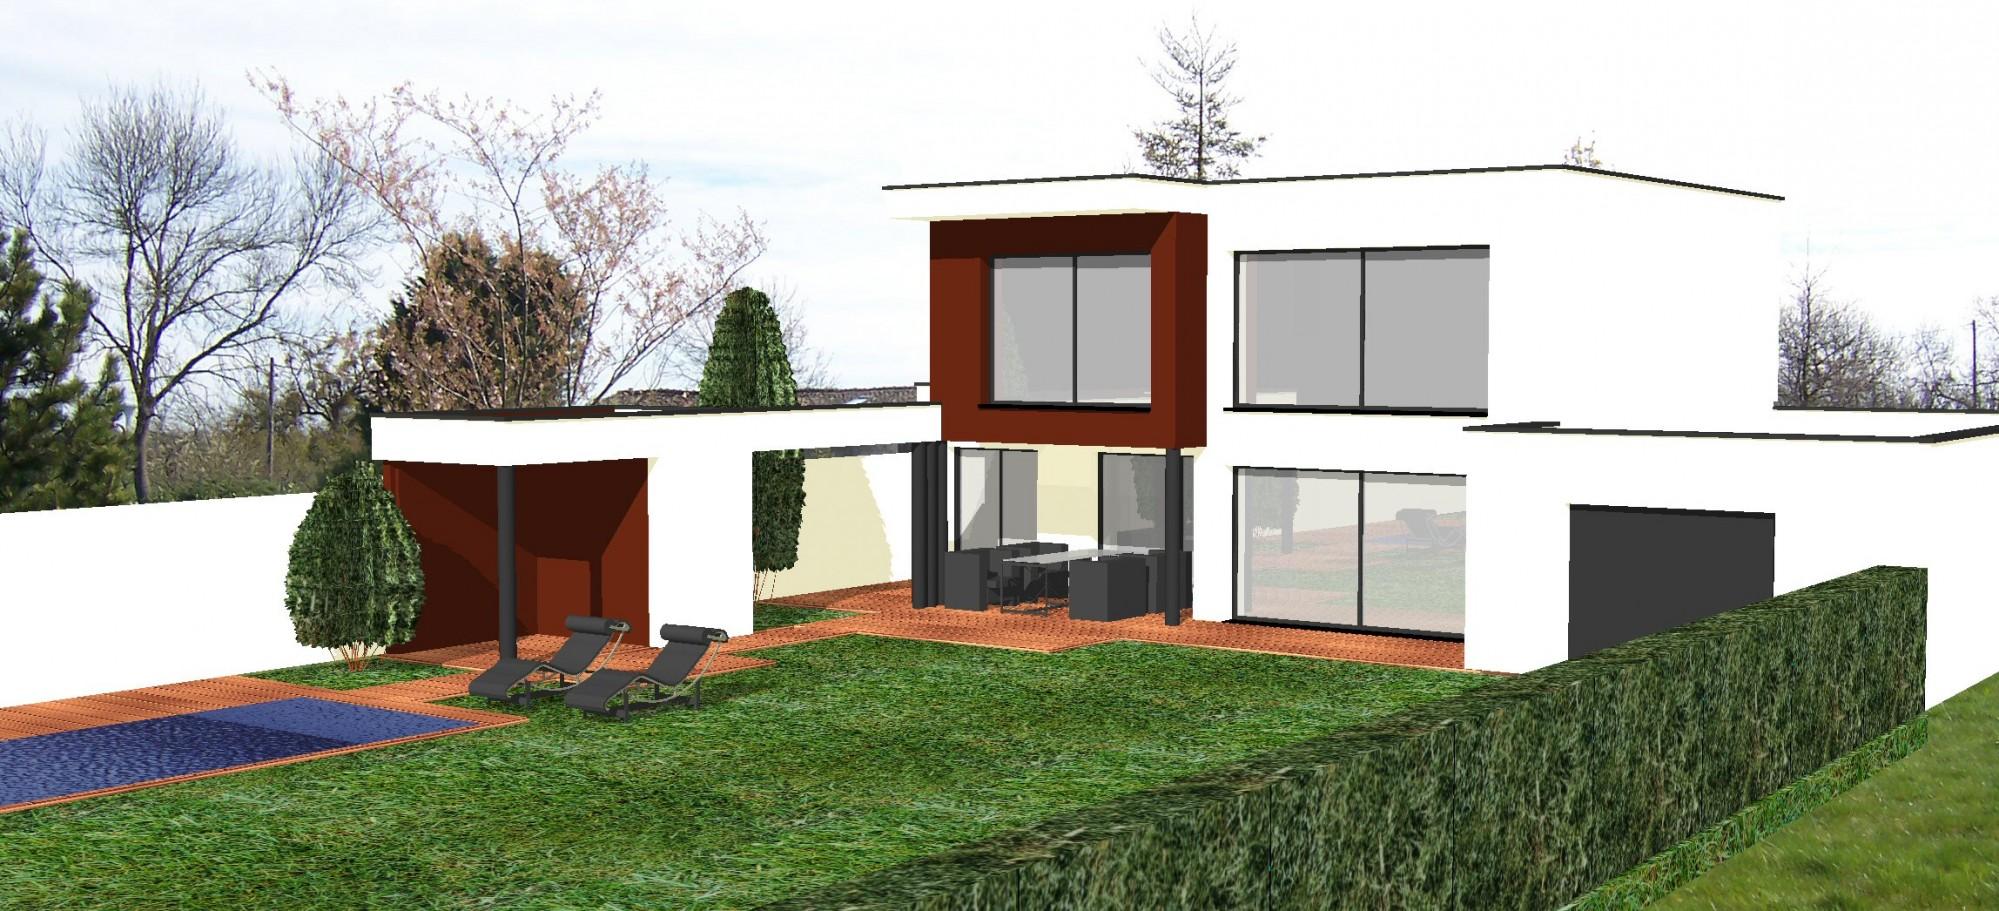 devis architecte maison architecte cherche entreprise pour appel du0027offre priv demande. Black Bedroom Furniture Sets. Home Design Ideas